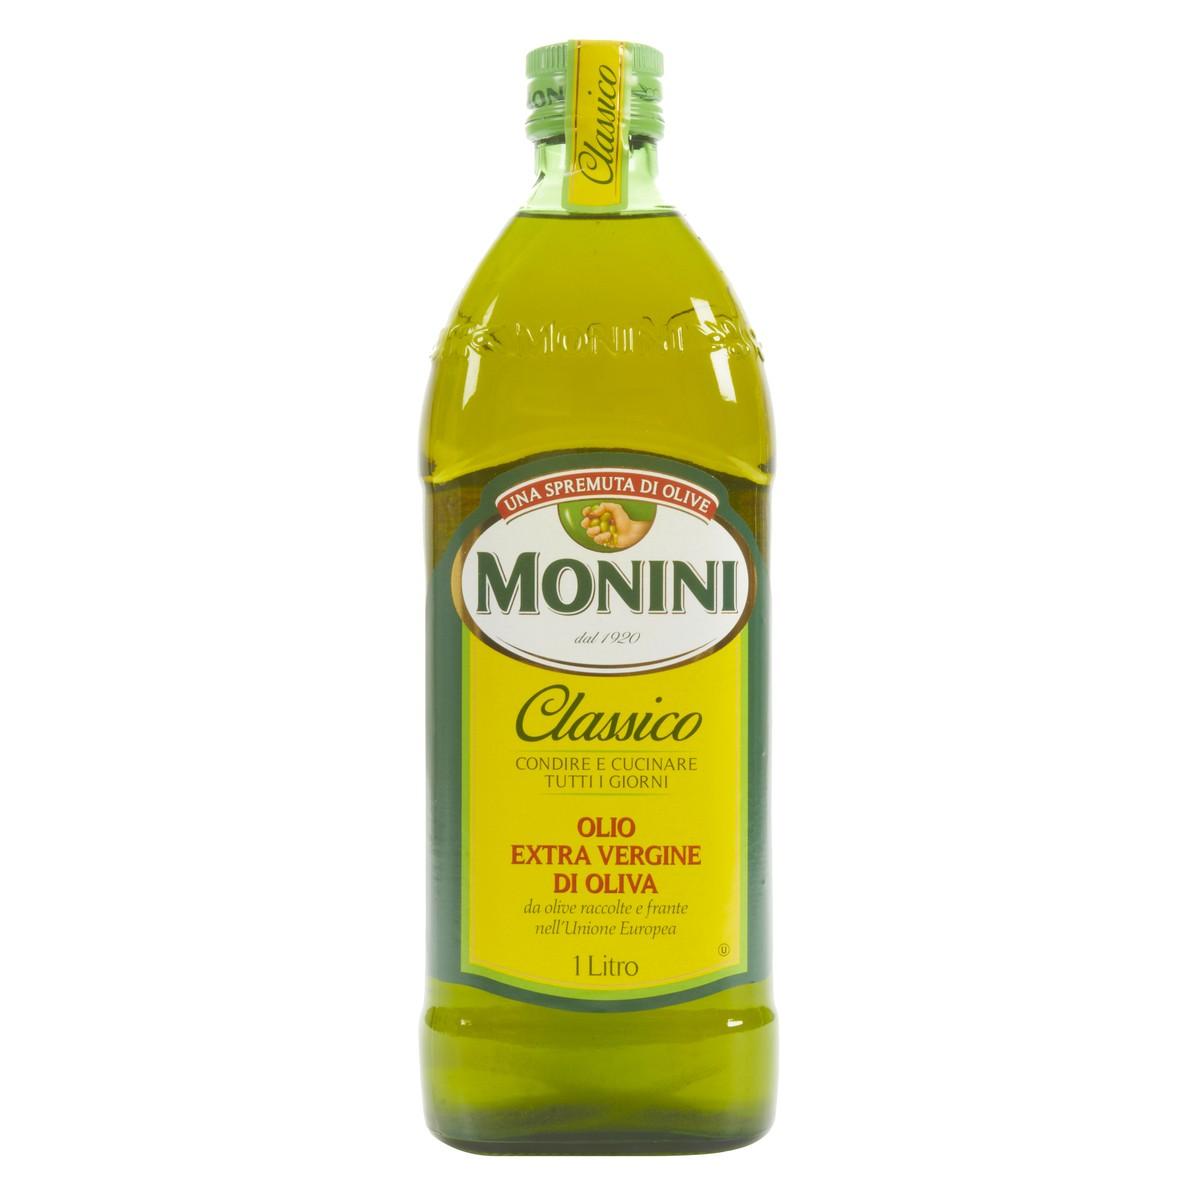 Monini Olio extravergine di oliva